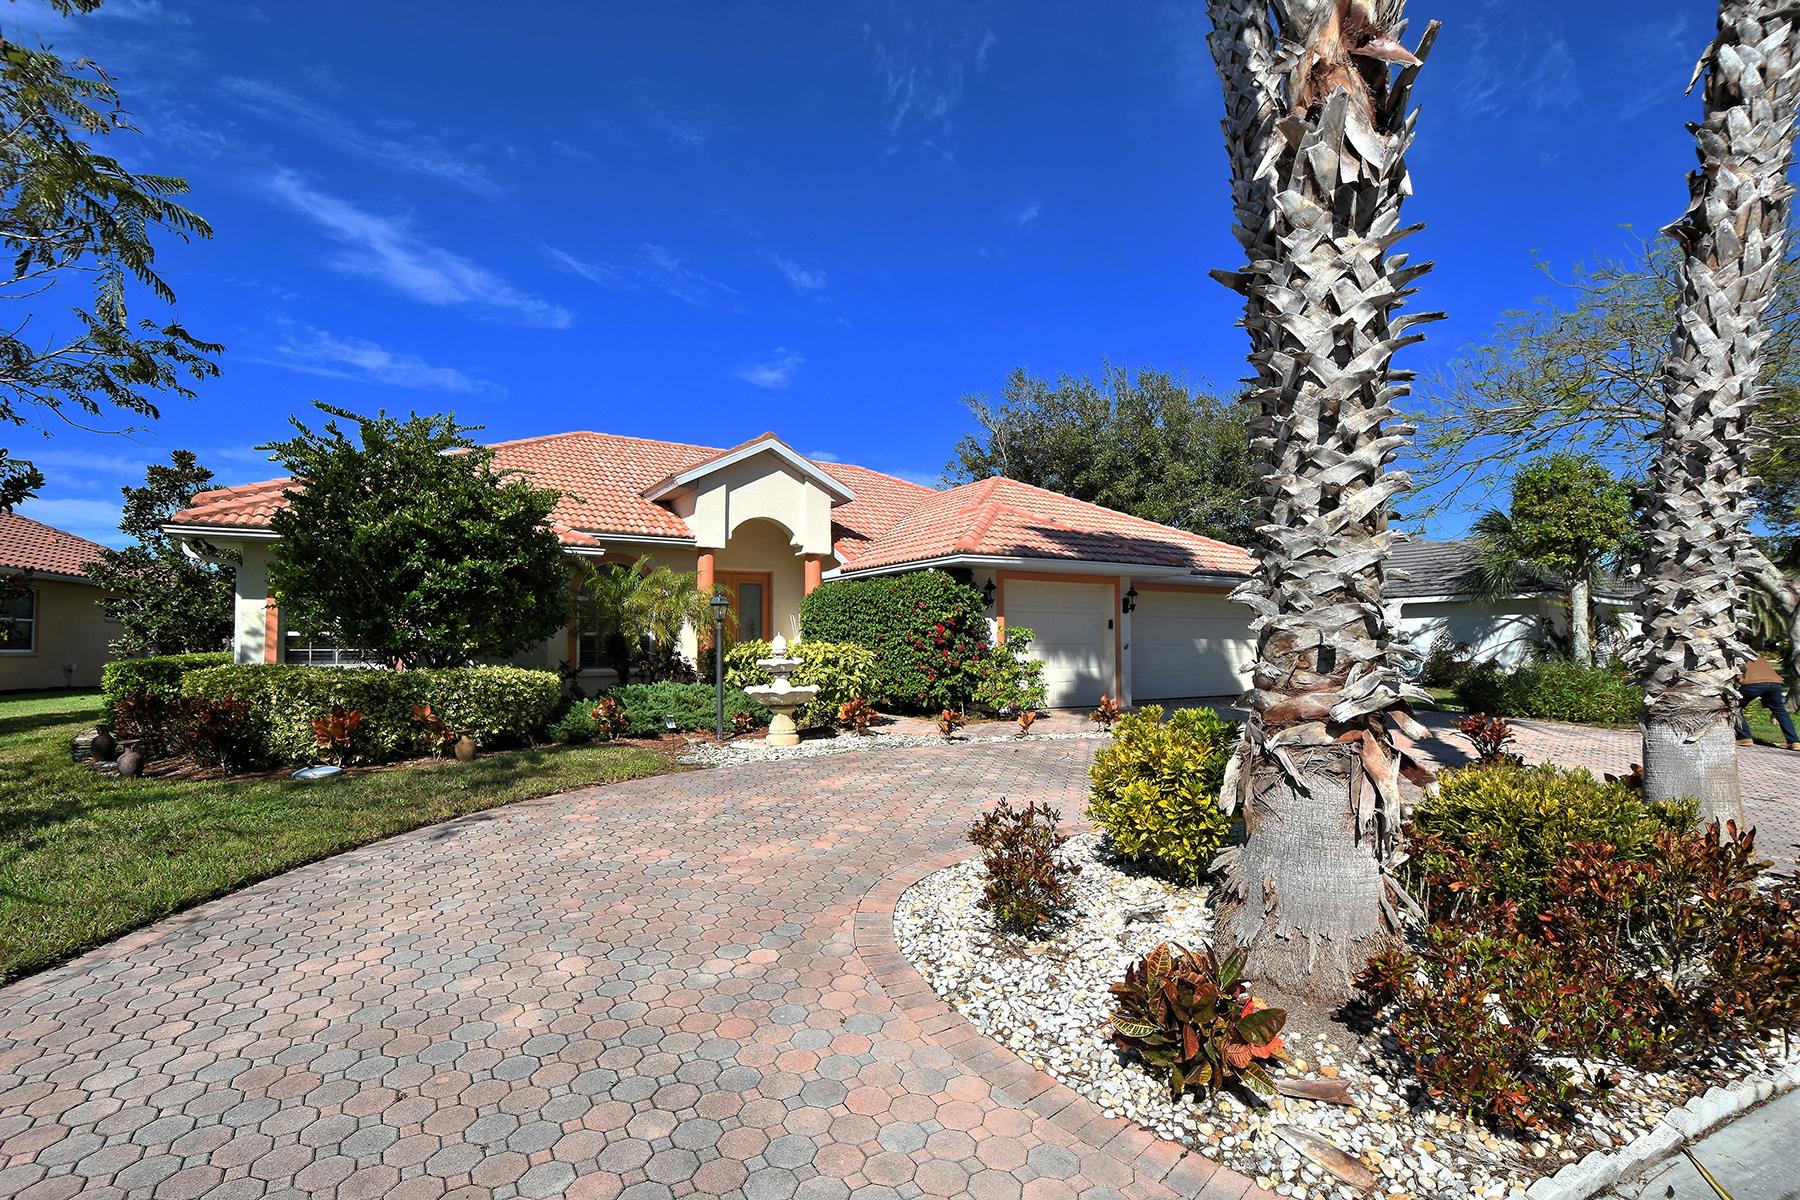 一戸建て のために 売買 アット PARK TRACE ESTATES 146 Willow Bend Way Osprey, フロリダ, 34229 アメリカ合衆国